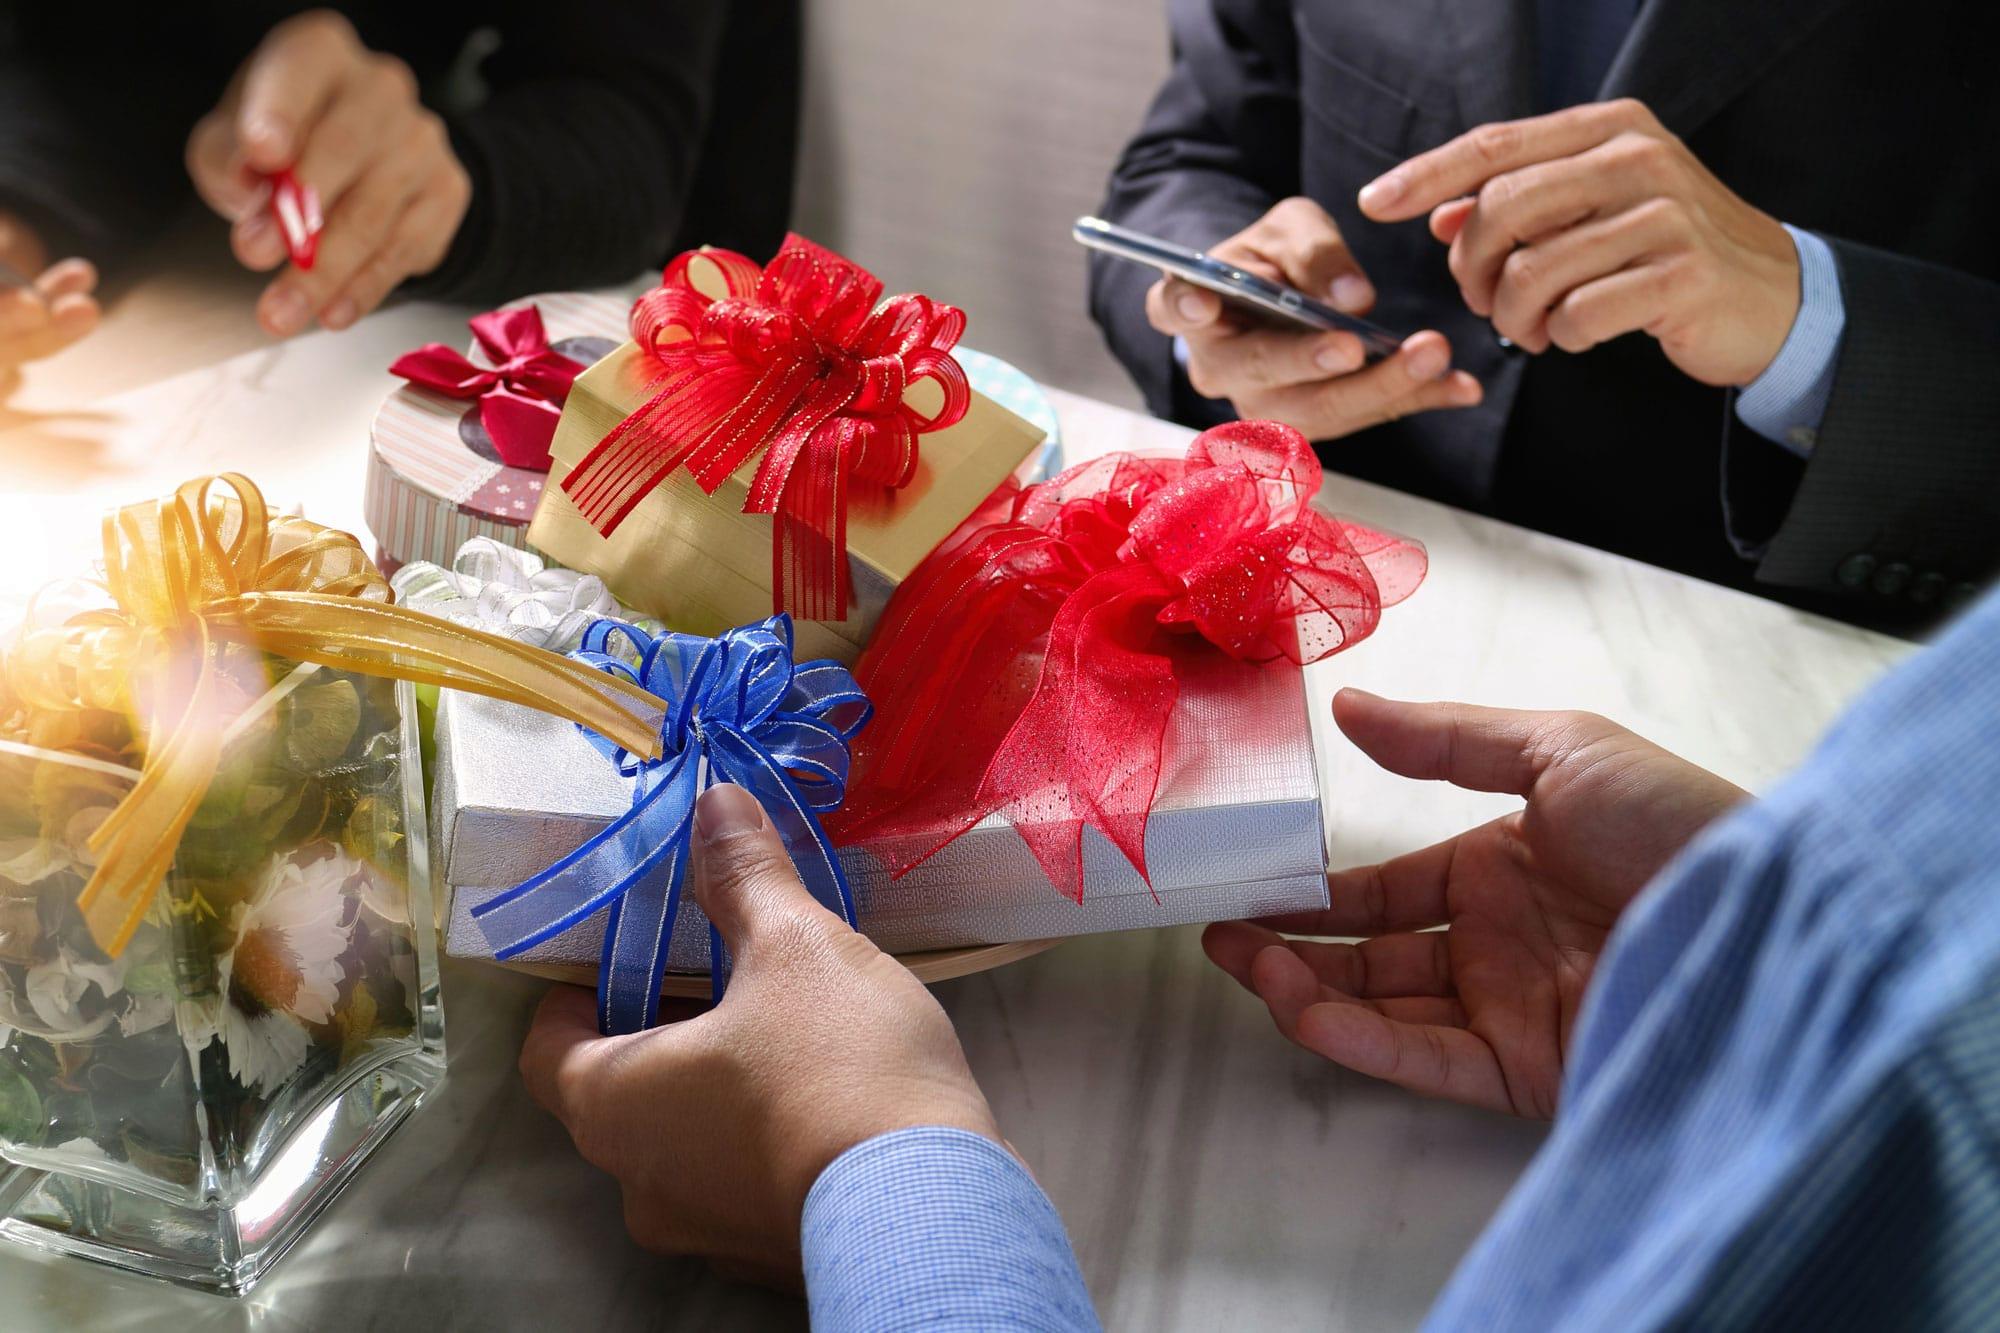 Mitarbeiter werden beschenkt